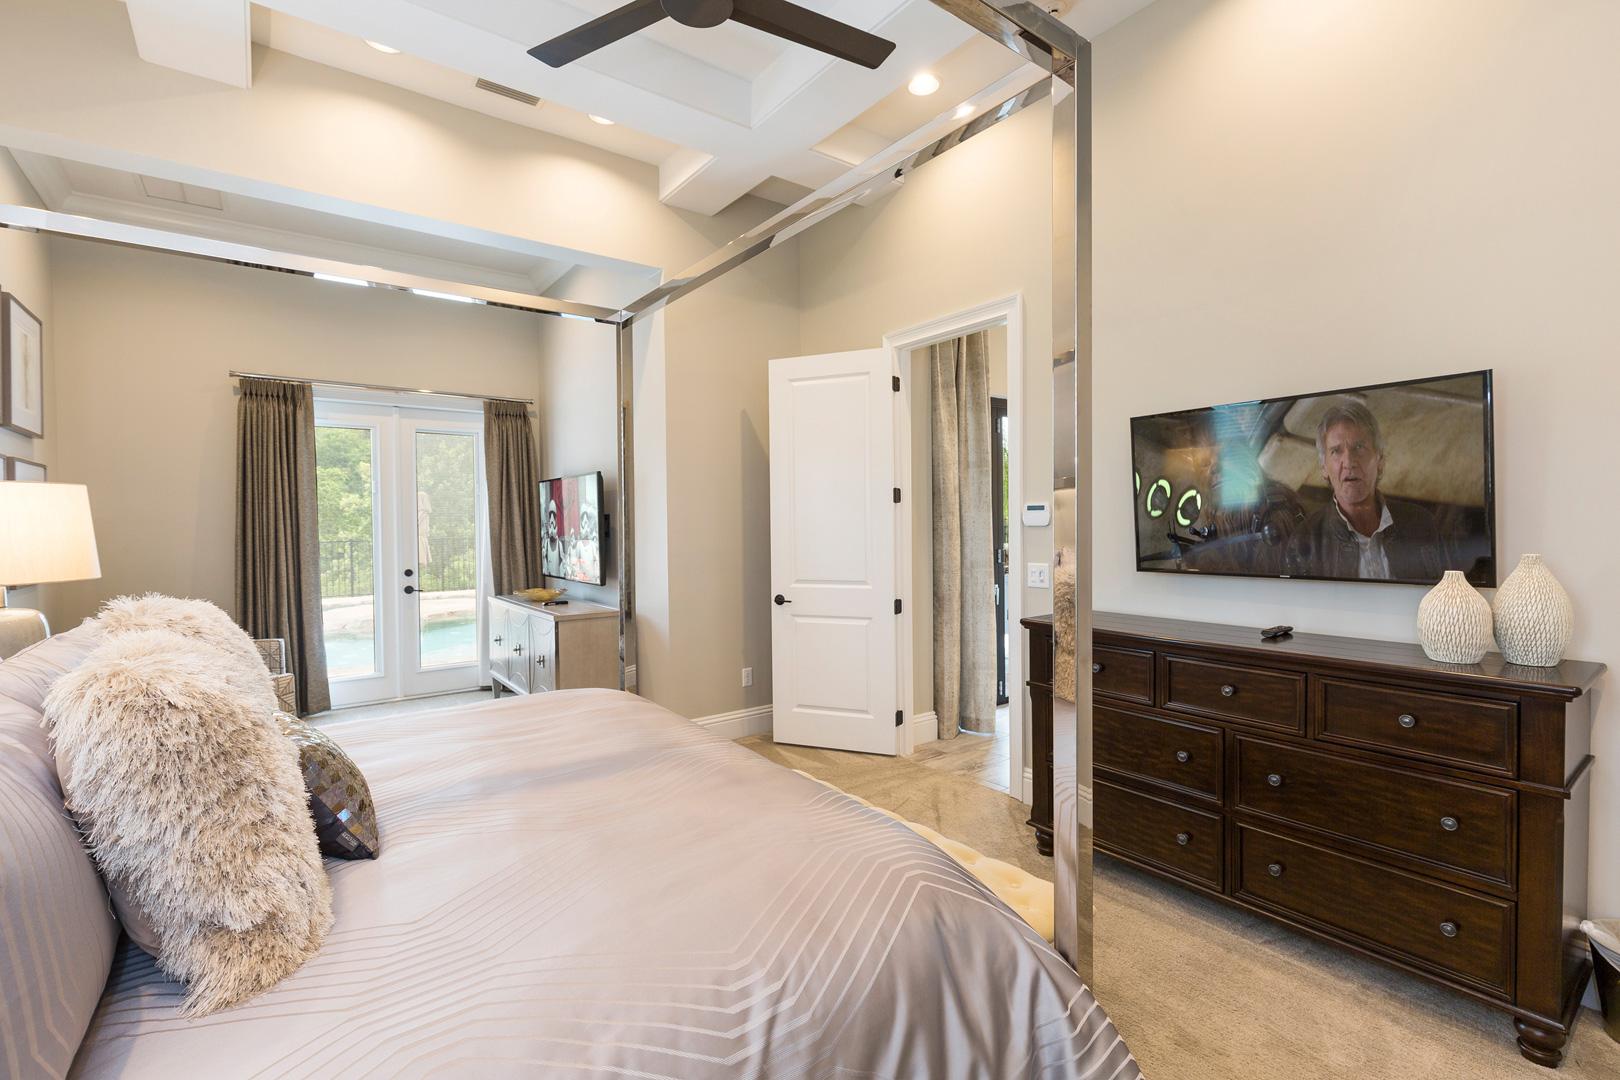 Bedrooms83